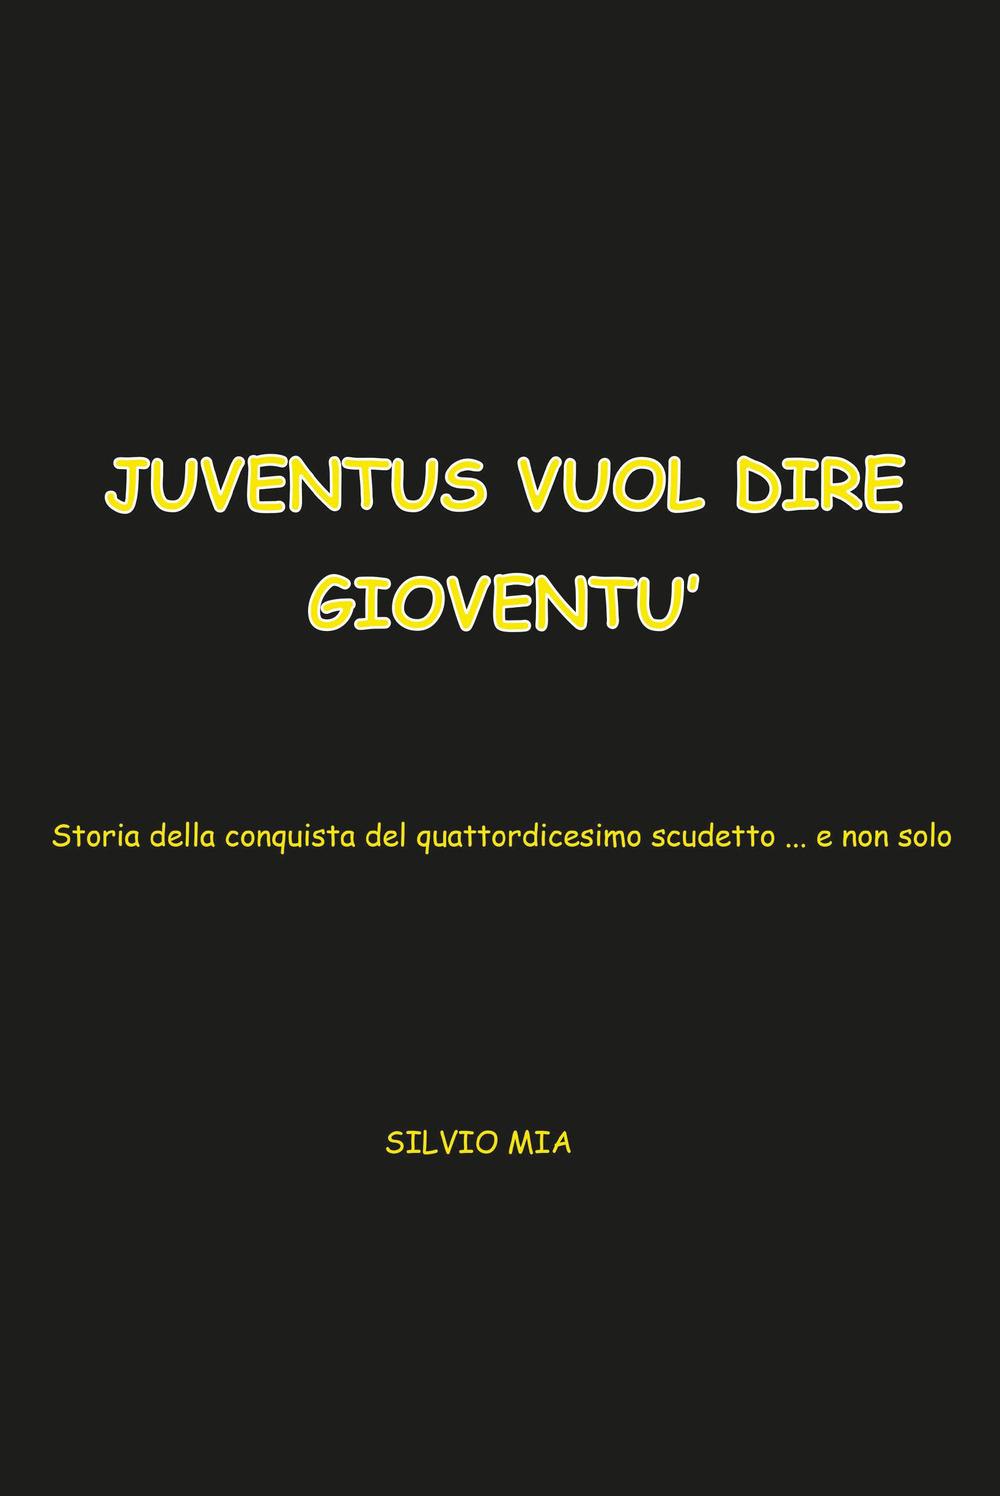 Image of Juventus vuol dire Gioventù... storia della conquista del XIV scudetto